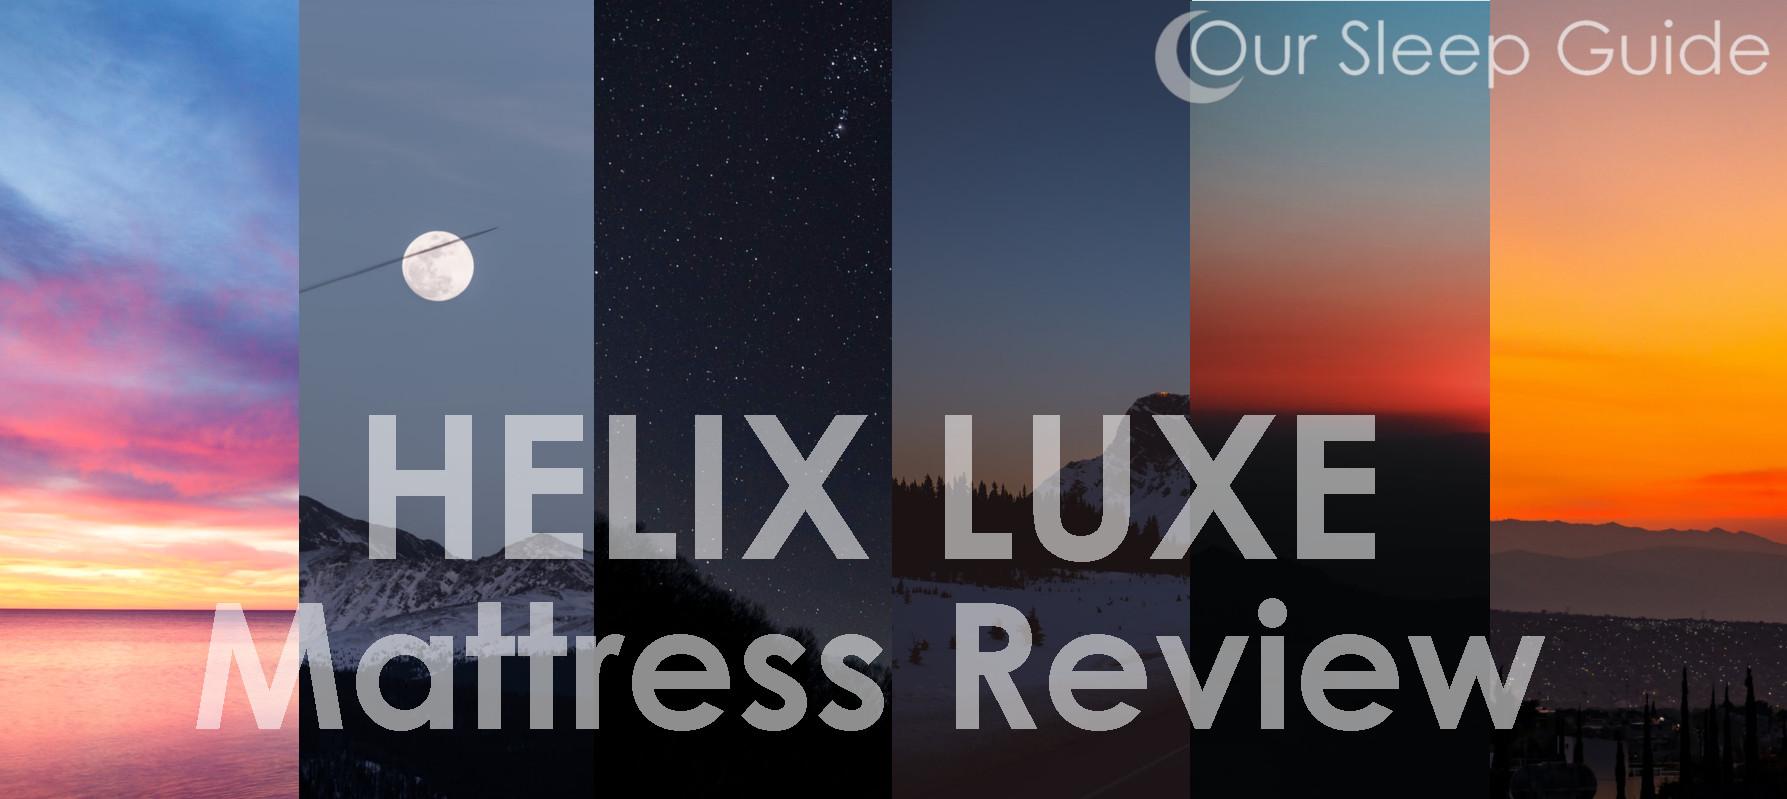 best helix luxe mattress review